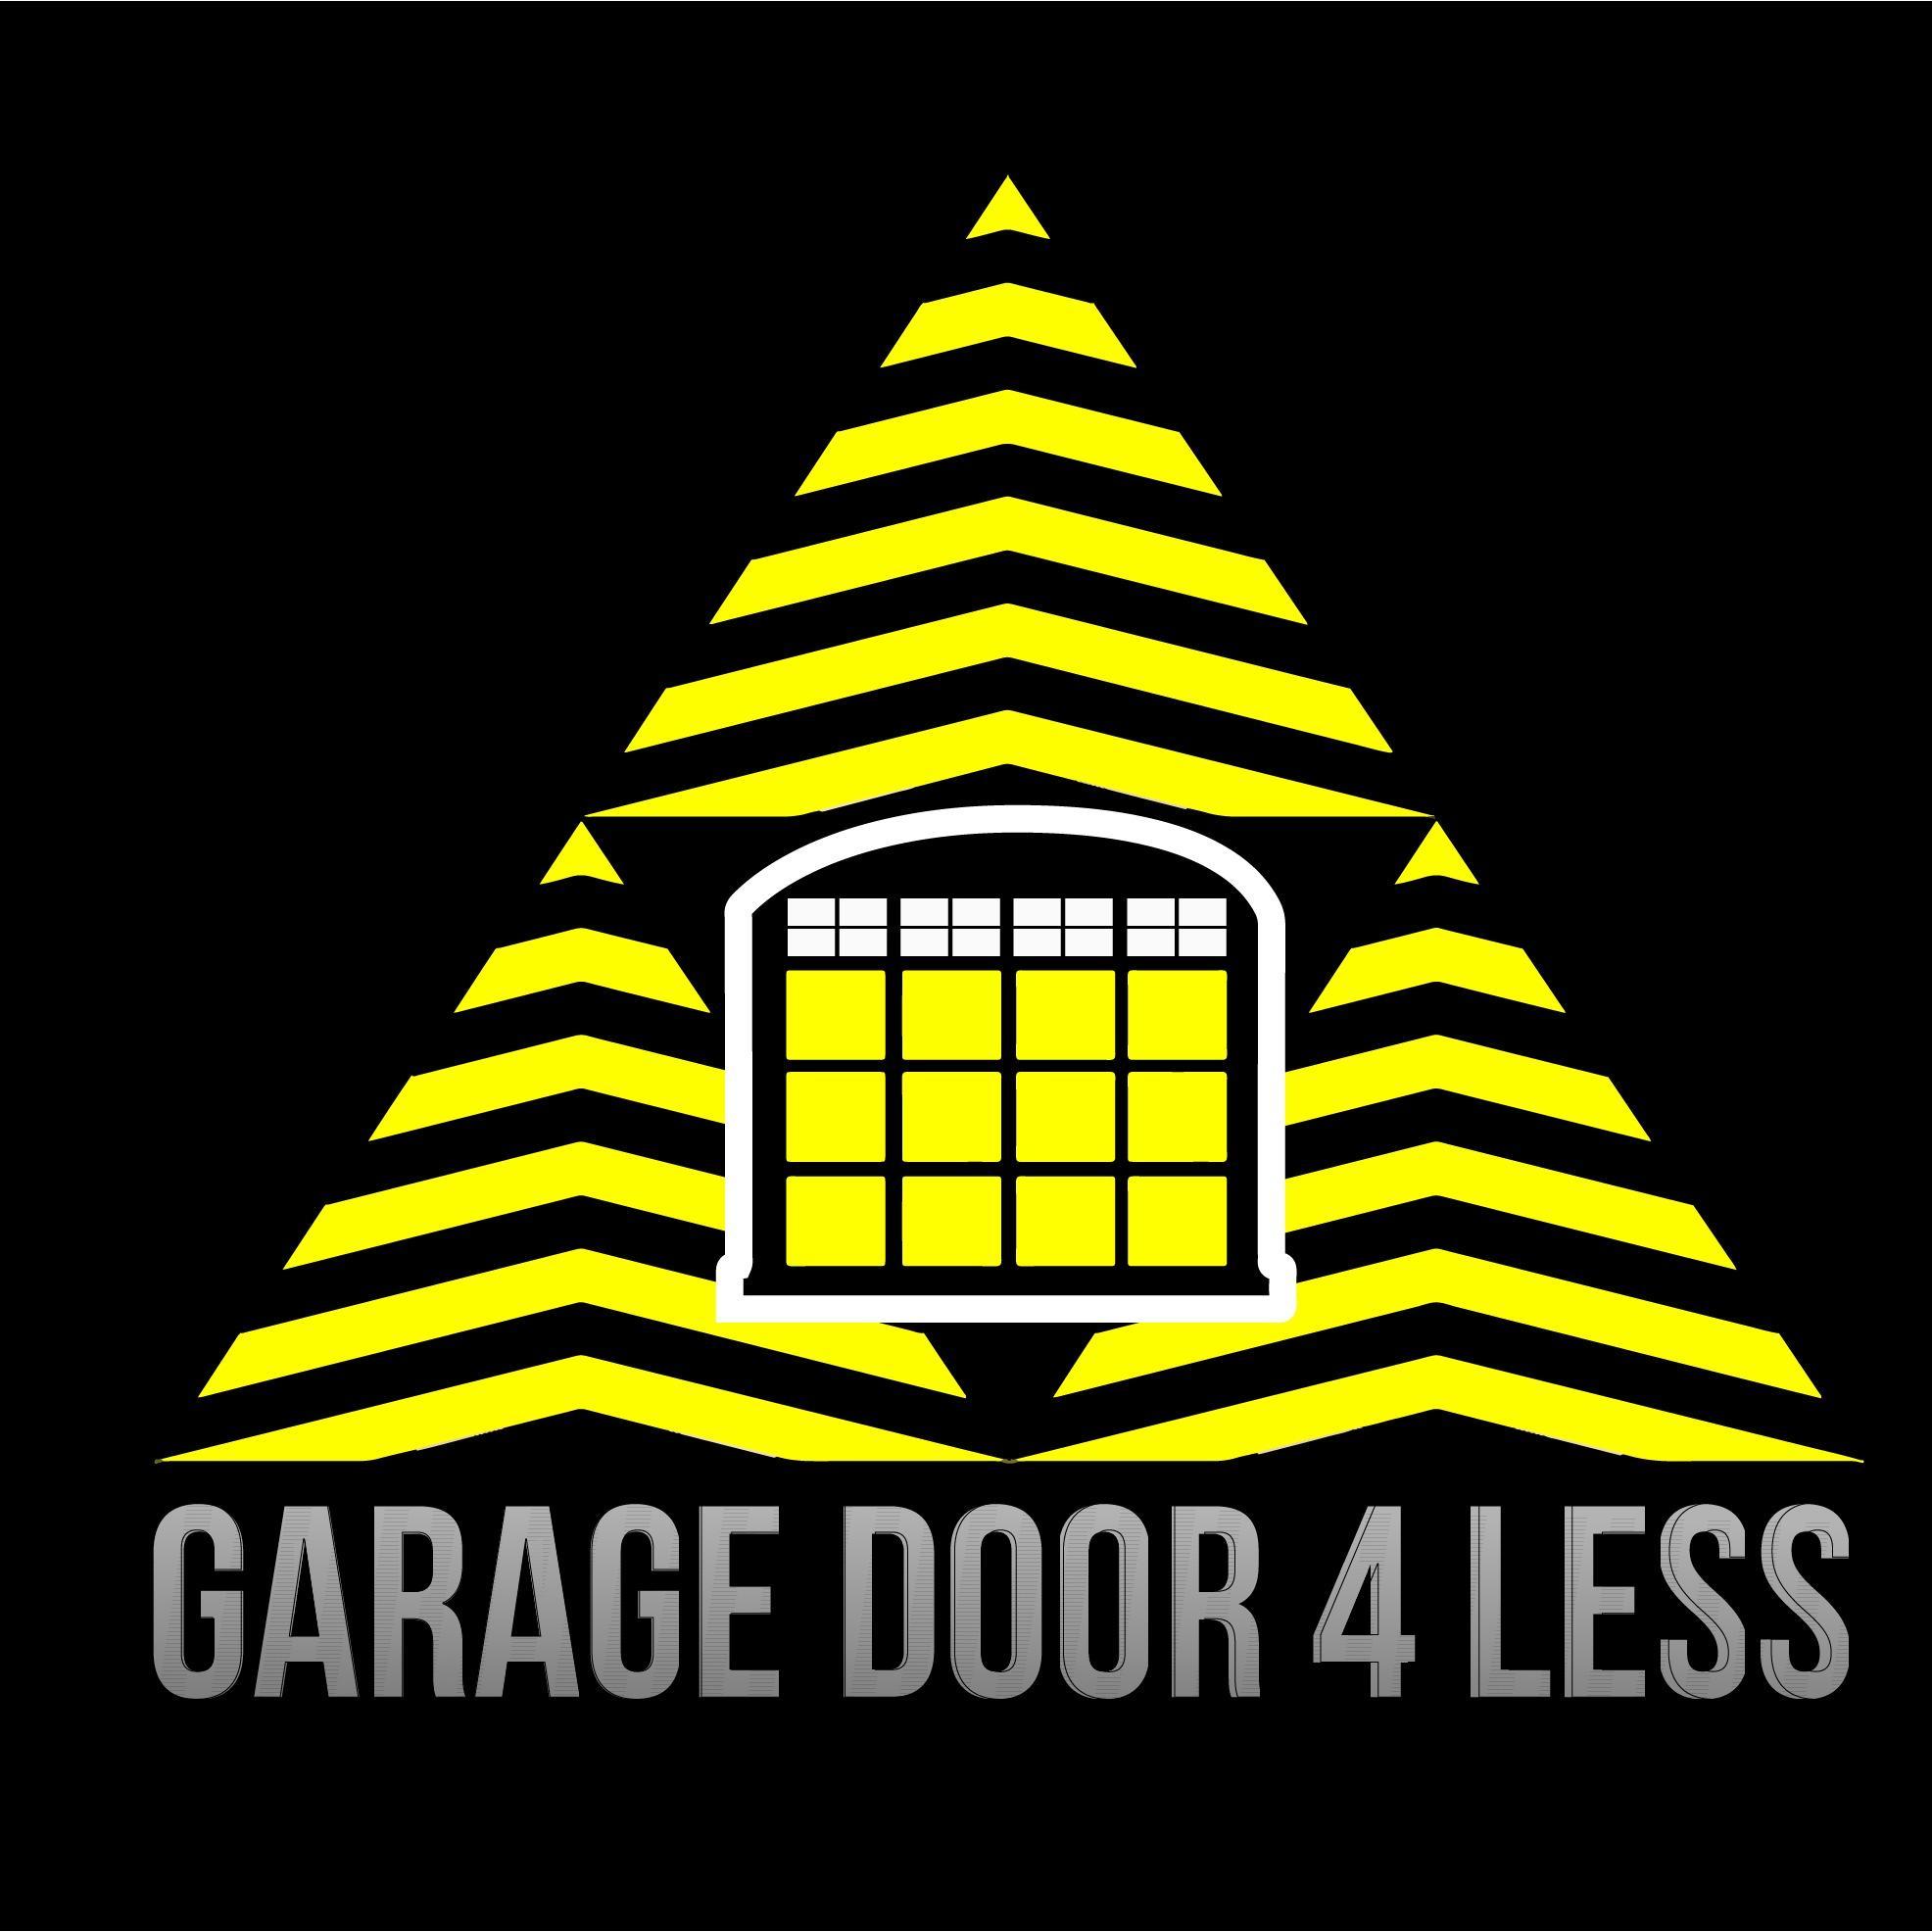 Garage Door 4 Less Business Directory